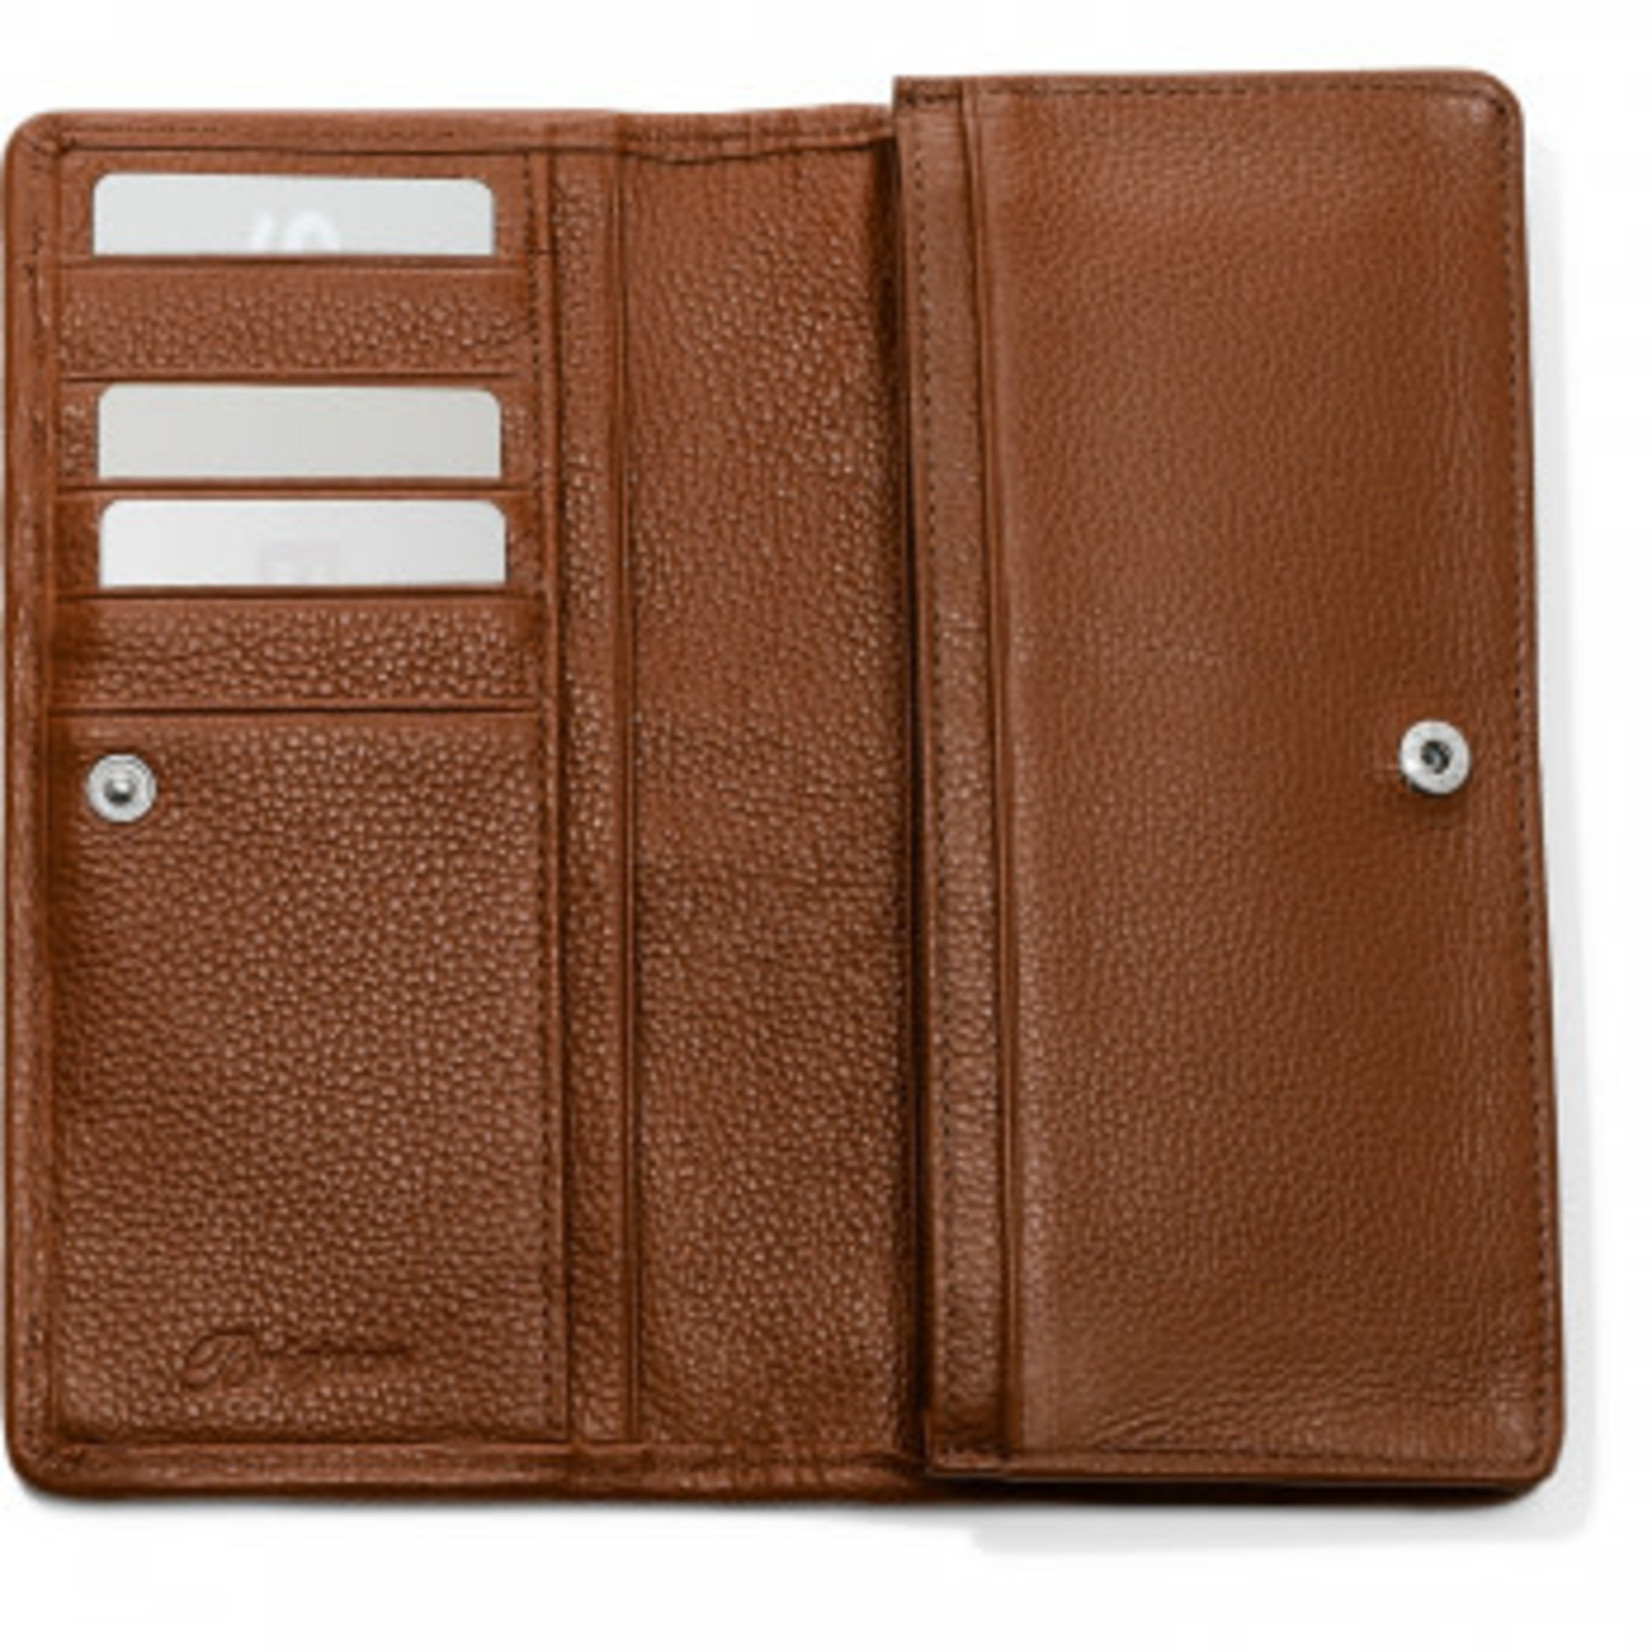 Brighton Interlok Rockmore Wallet in Bourbon